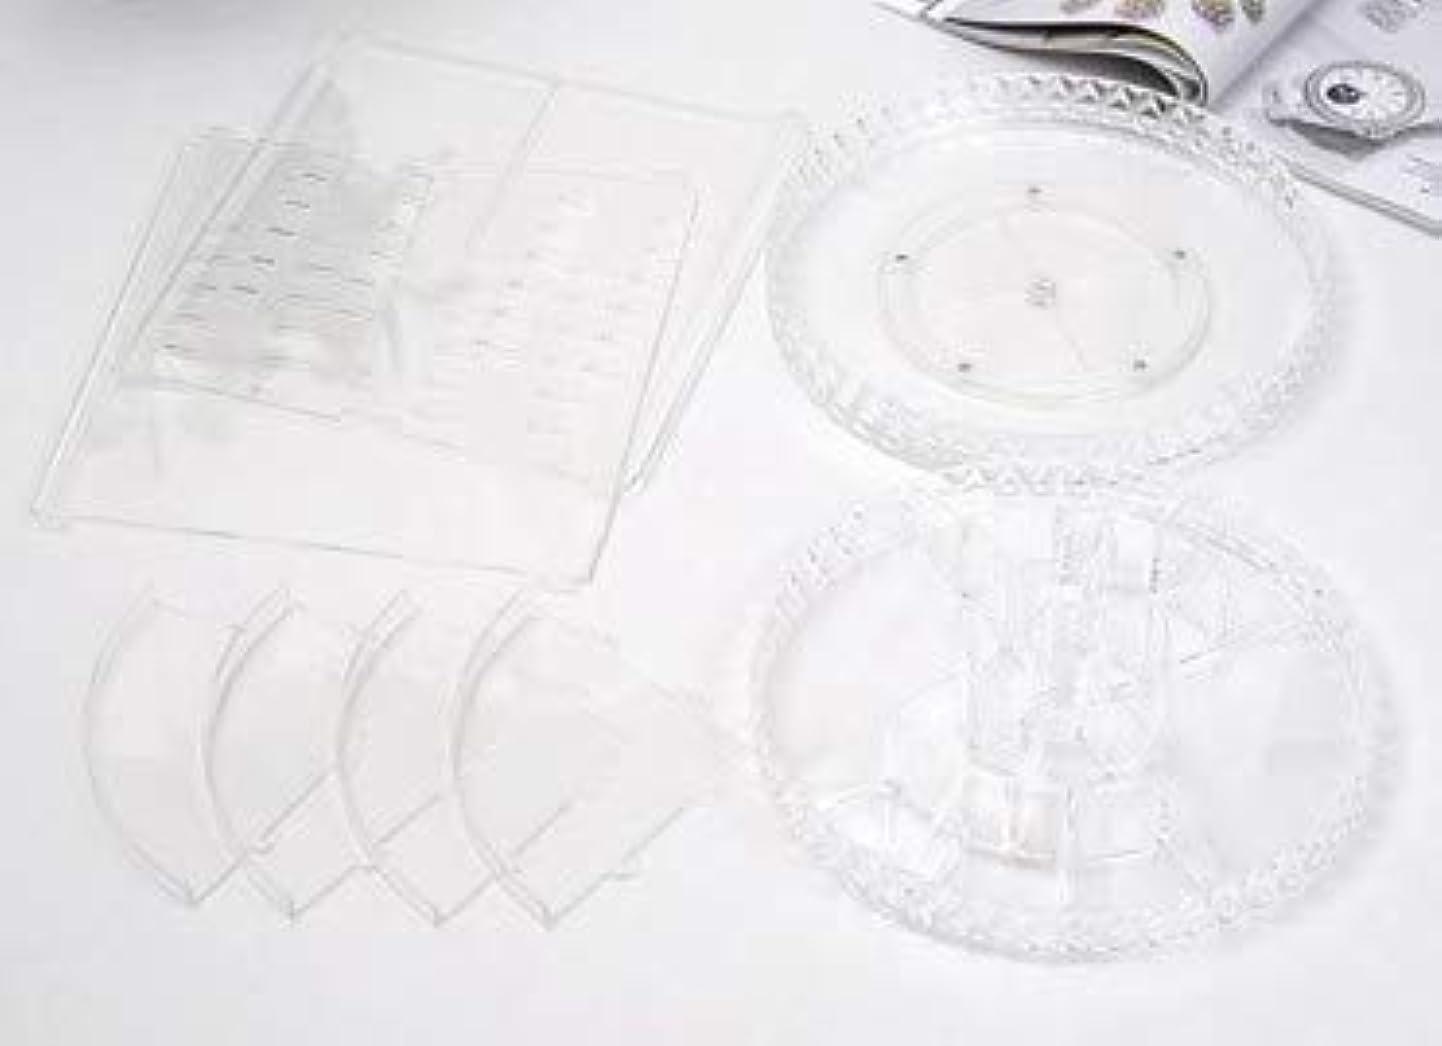 取るしなやかハイブリッド回転化粧品収納ボックスダイヤモンド透明化粧品ケーススキンケア製品ディスプレイボックスデスクトップ収納ボックス